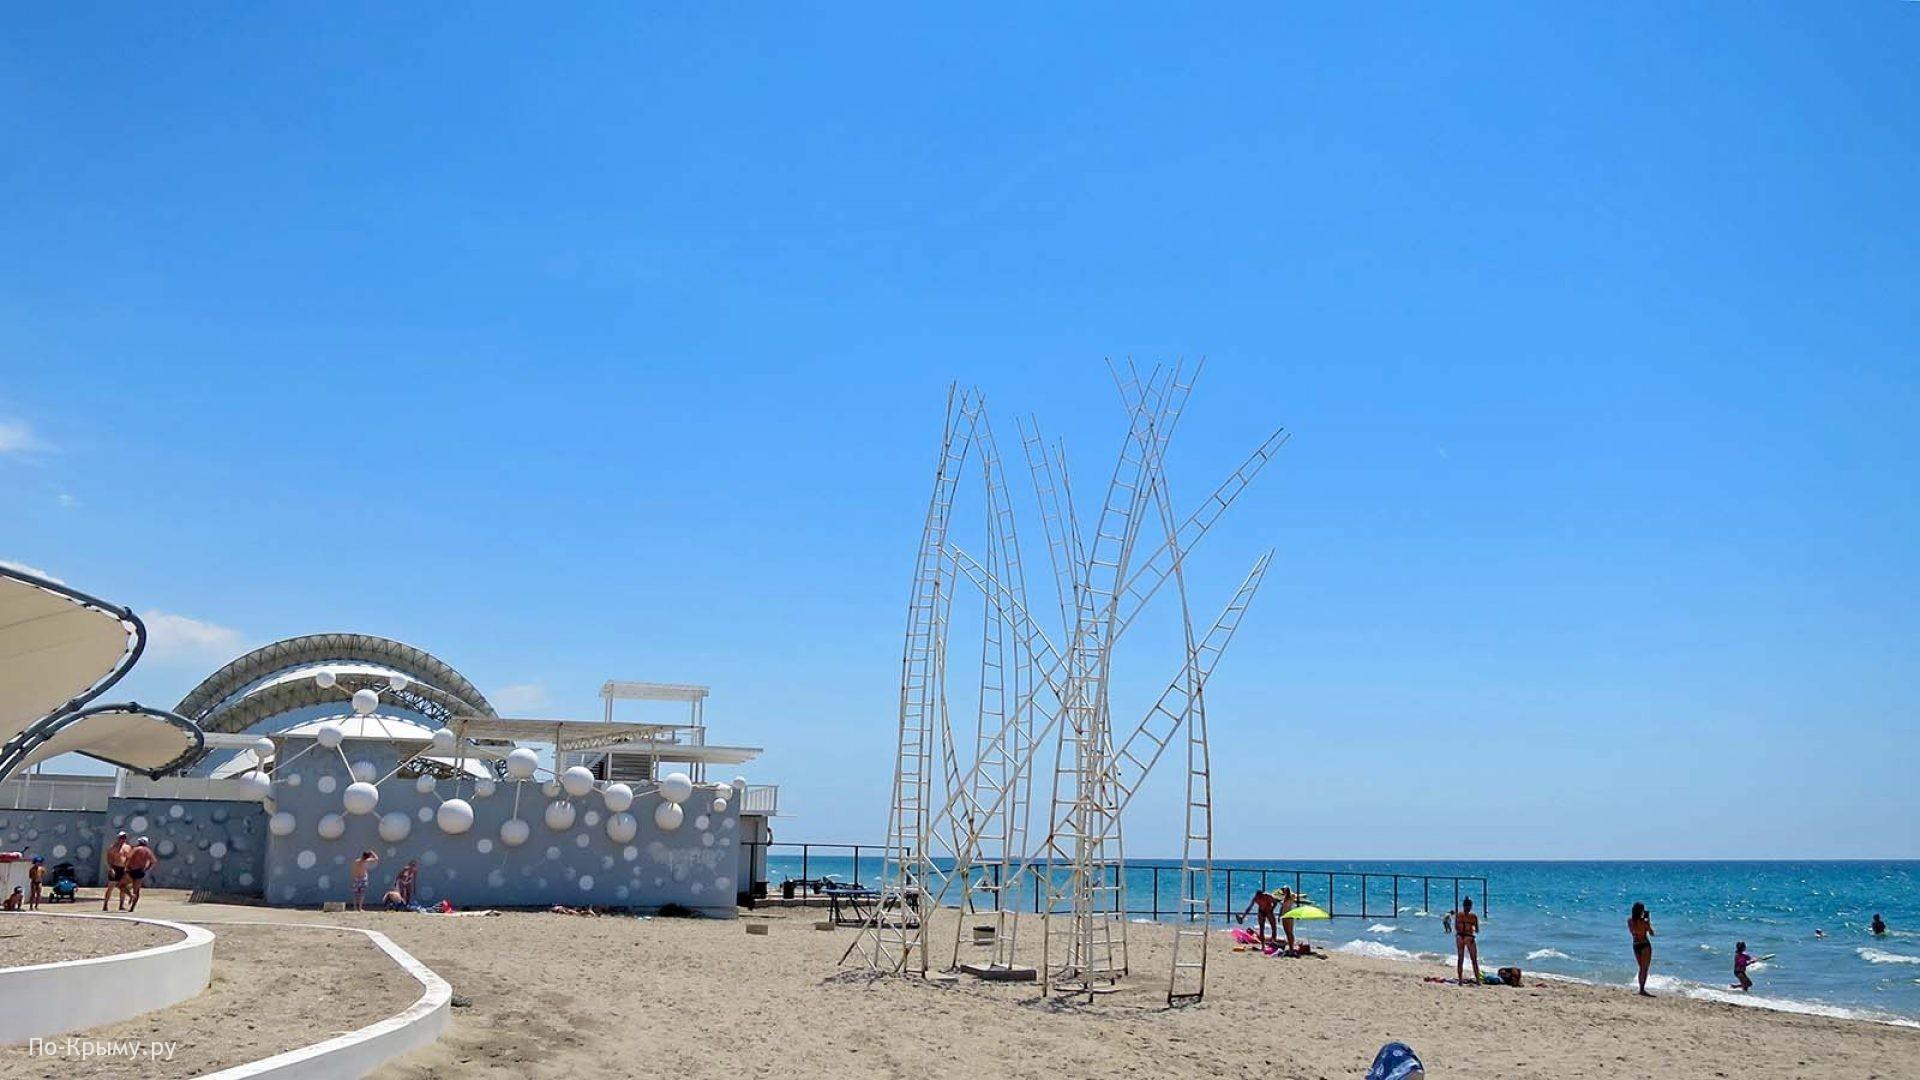 Арт объекты на крымском берегу